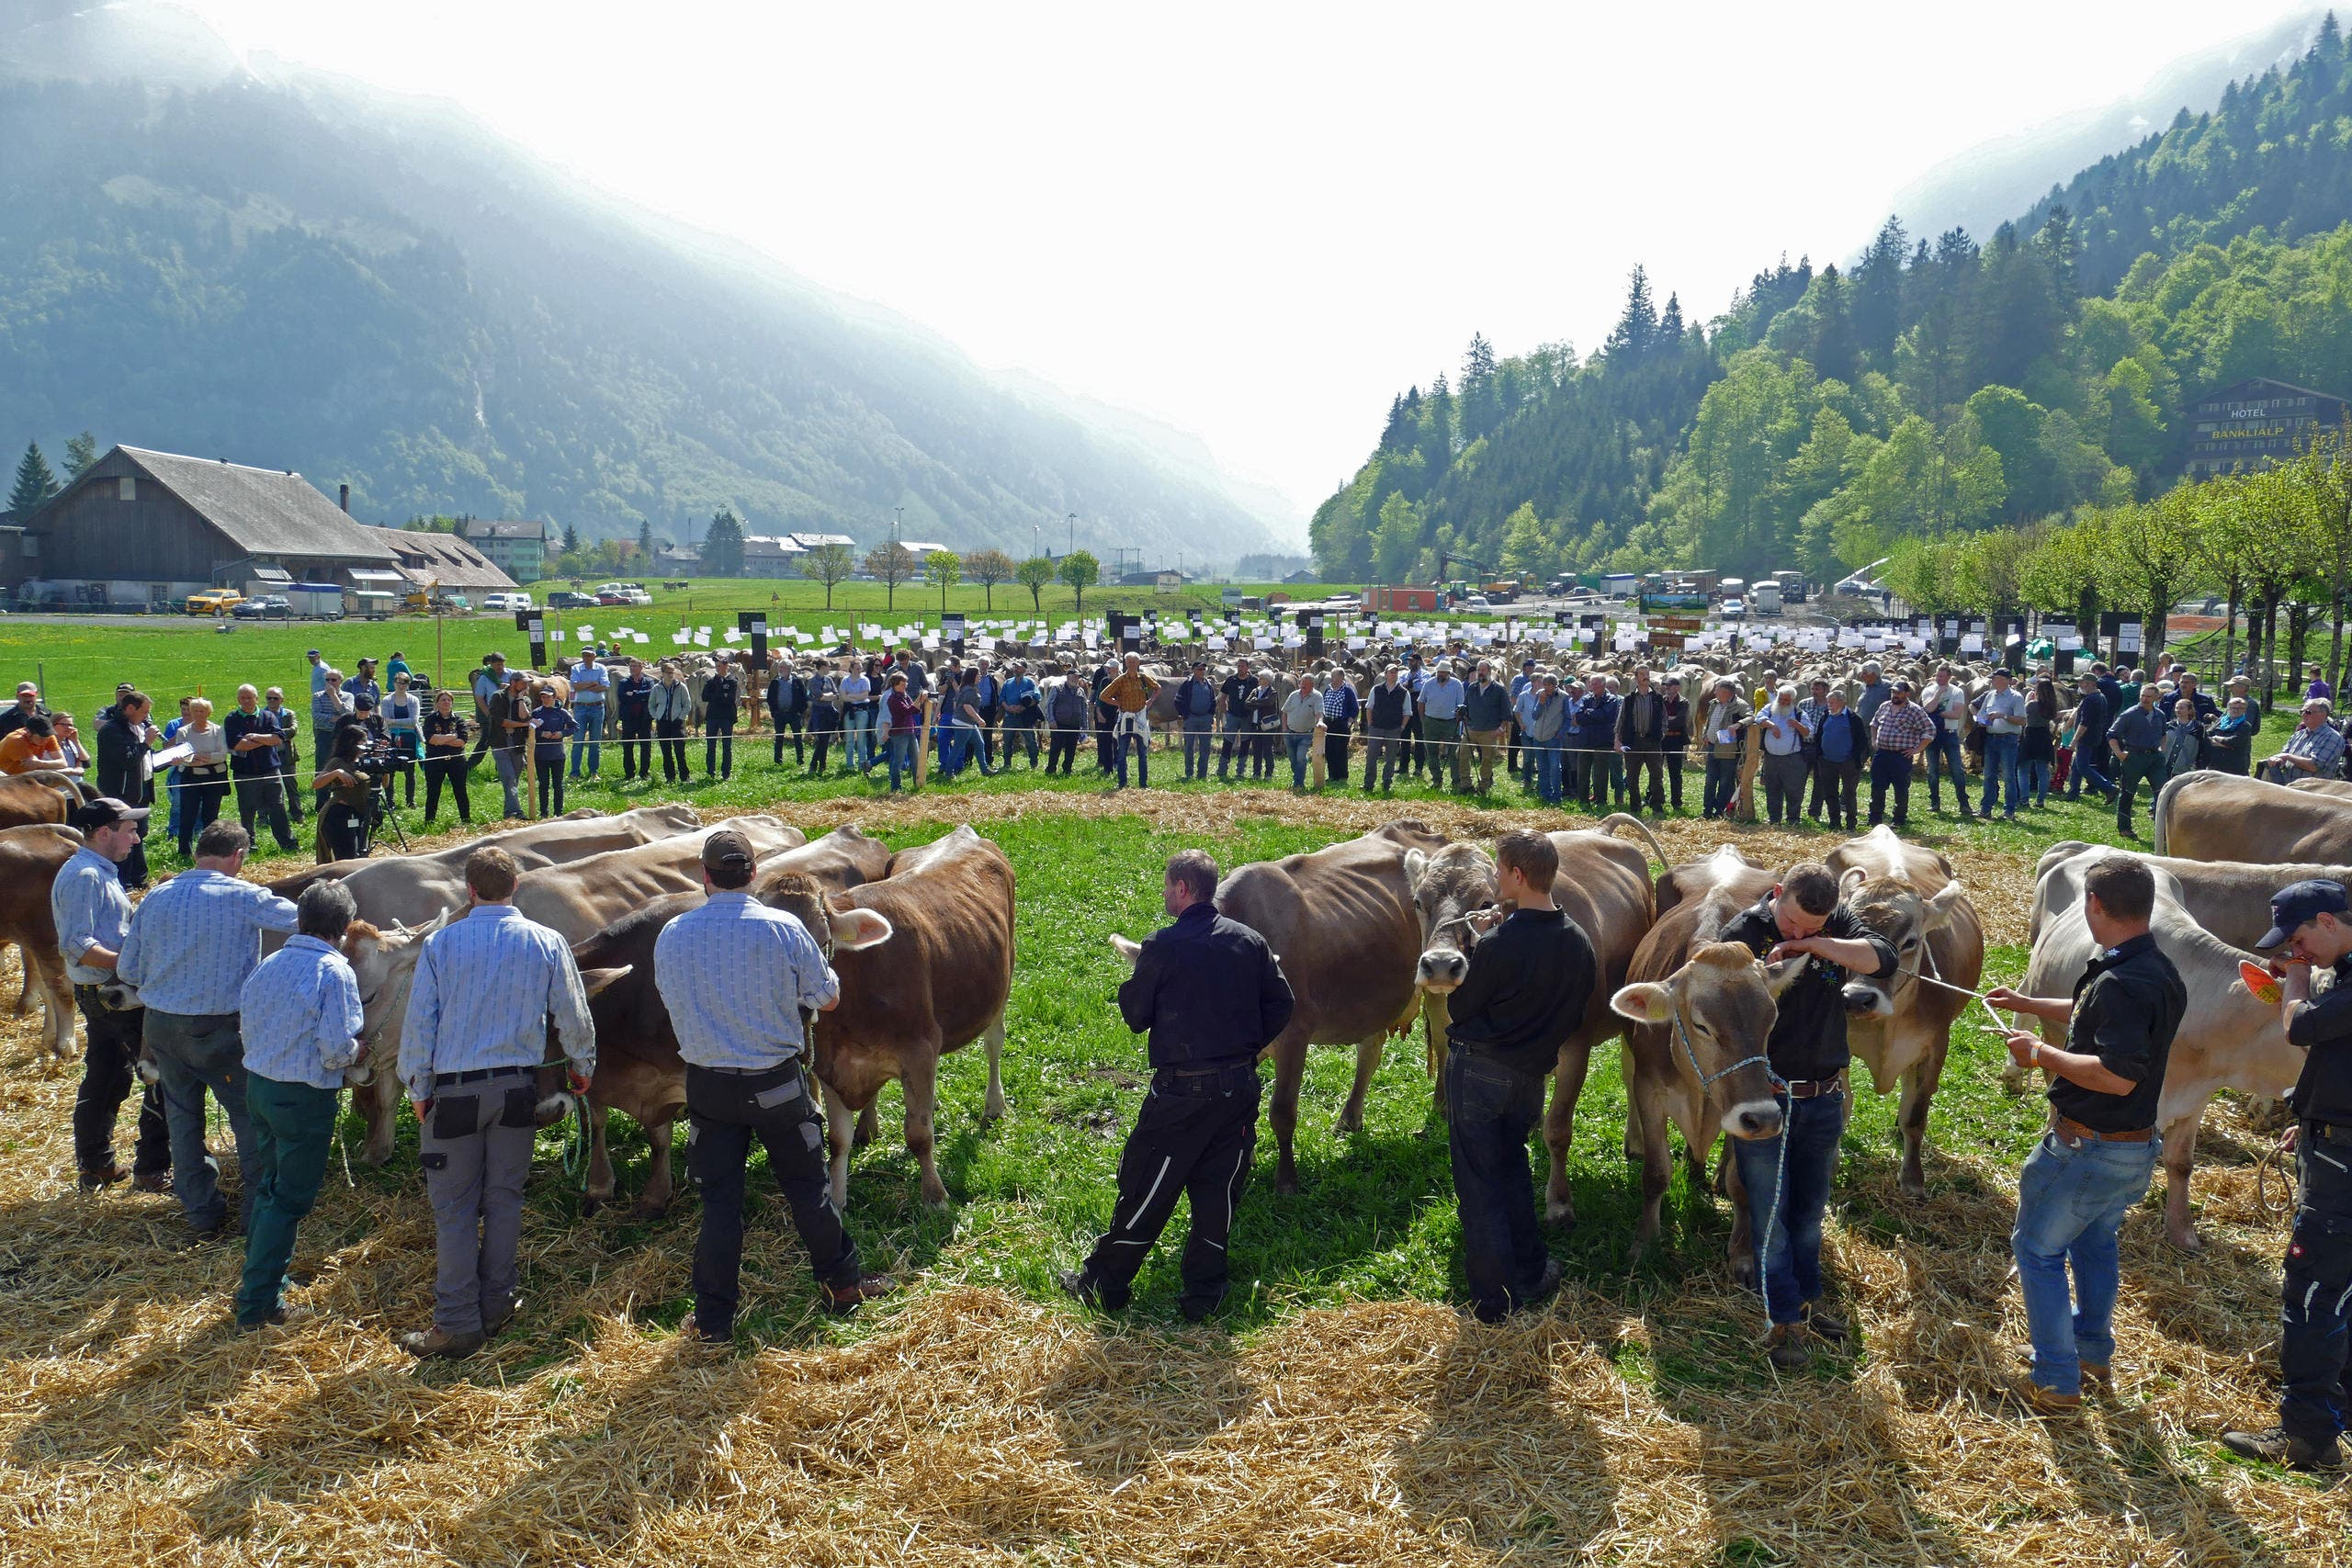 Präsentation der Zuchtfamilien auf dem Viehschauplatz beim Sporting Park Engelberg. (Bild: Beat Christen)